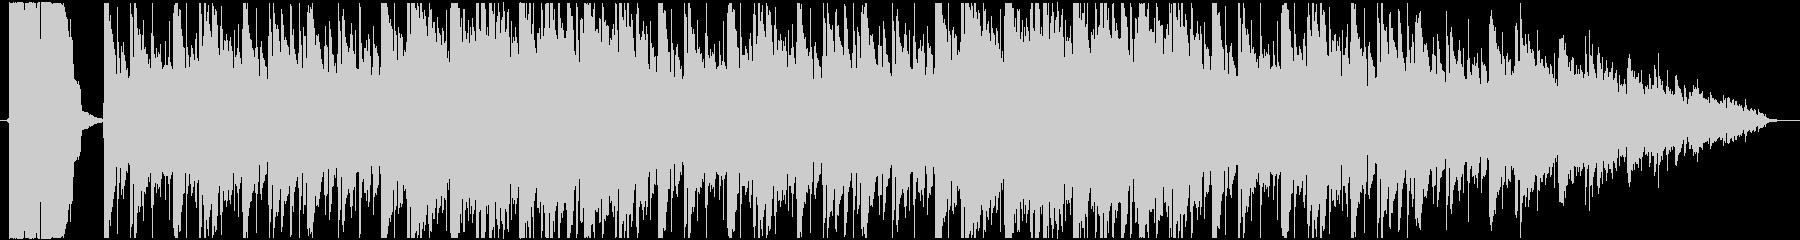 リザルトジングル&ループ(ケルト)の未再生の波形